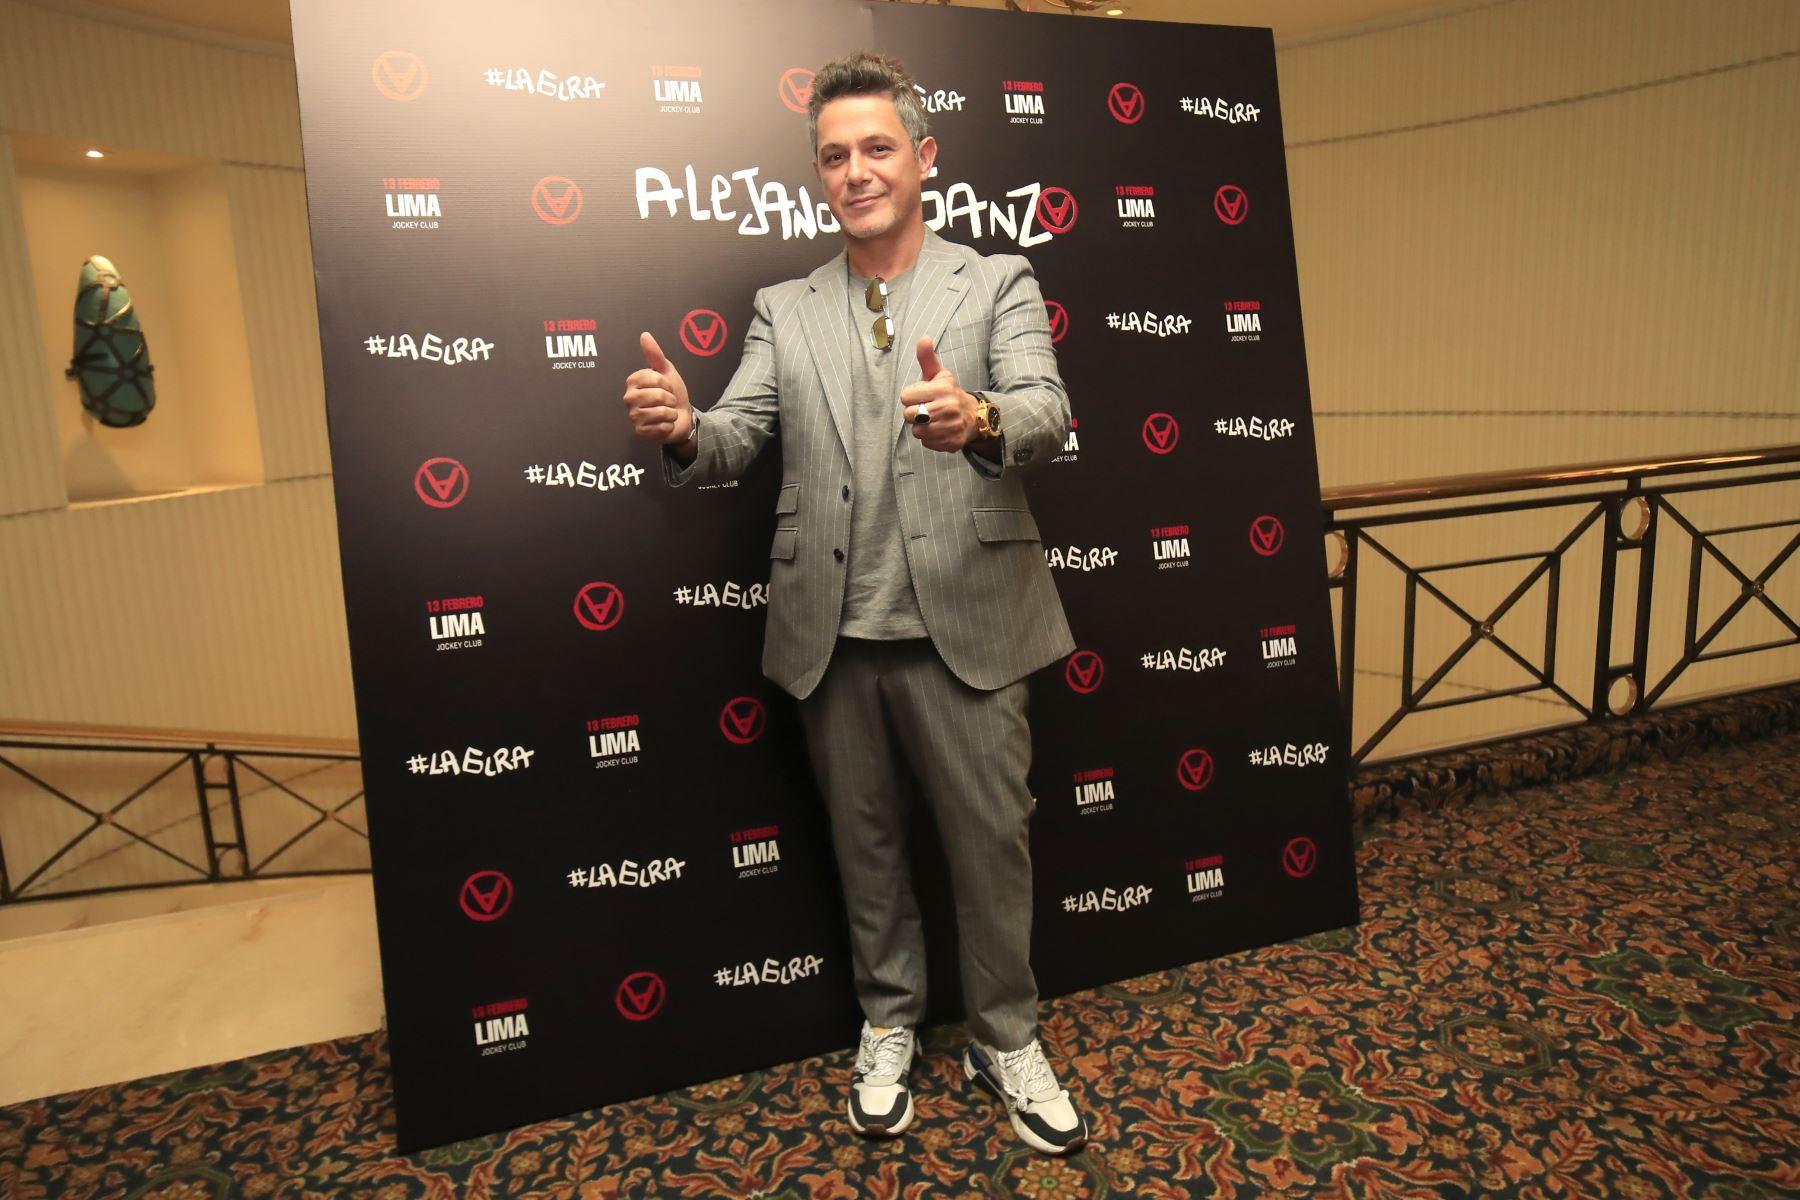 Alejandro Sanz en conferencia de prensa en el Swiss Hotel:  Foto: ANDINA / Juan Carlos Guzmán Negrini.